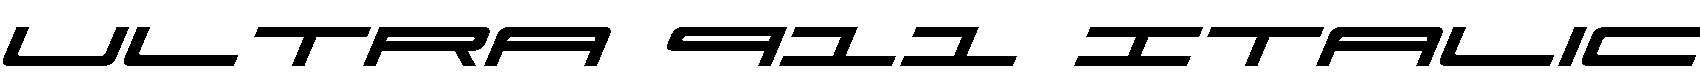 Ultra-911-Italic-copy-1-